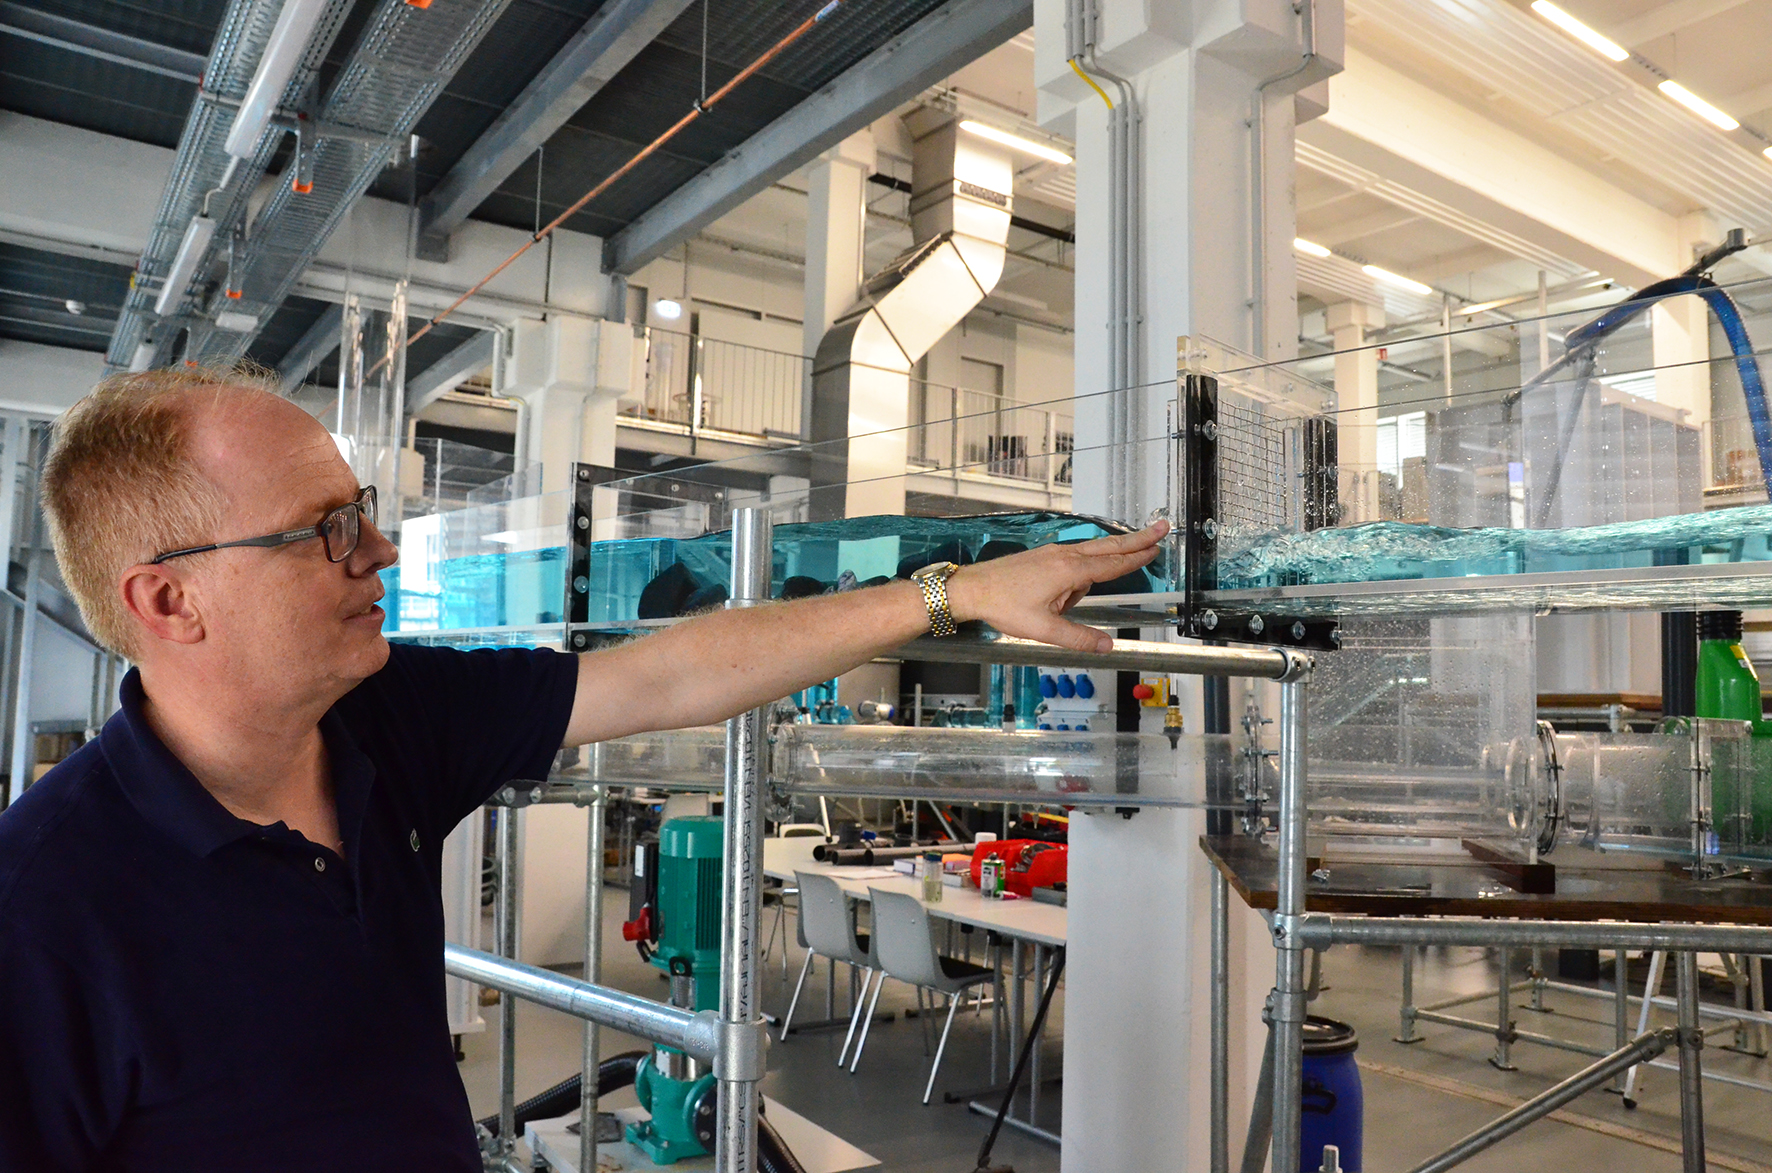 Grüning am Kanalnetz aus Acrylglas